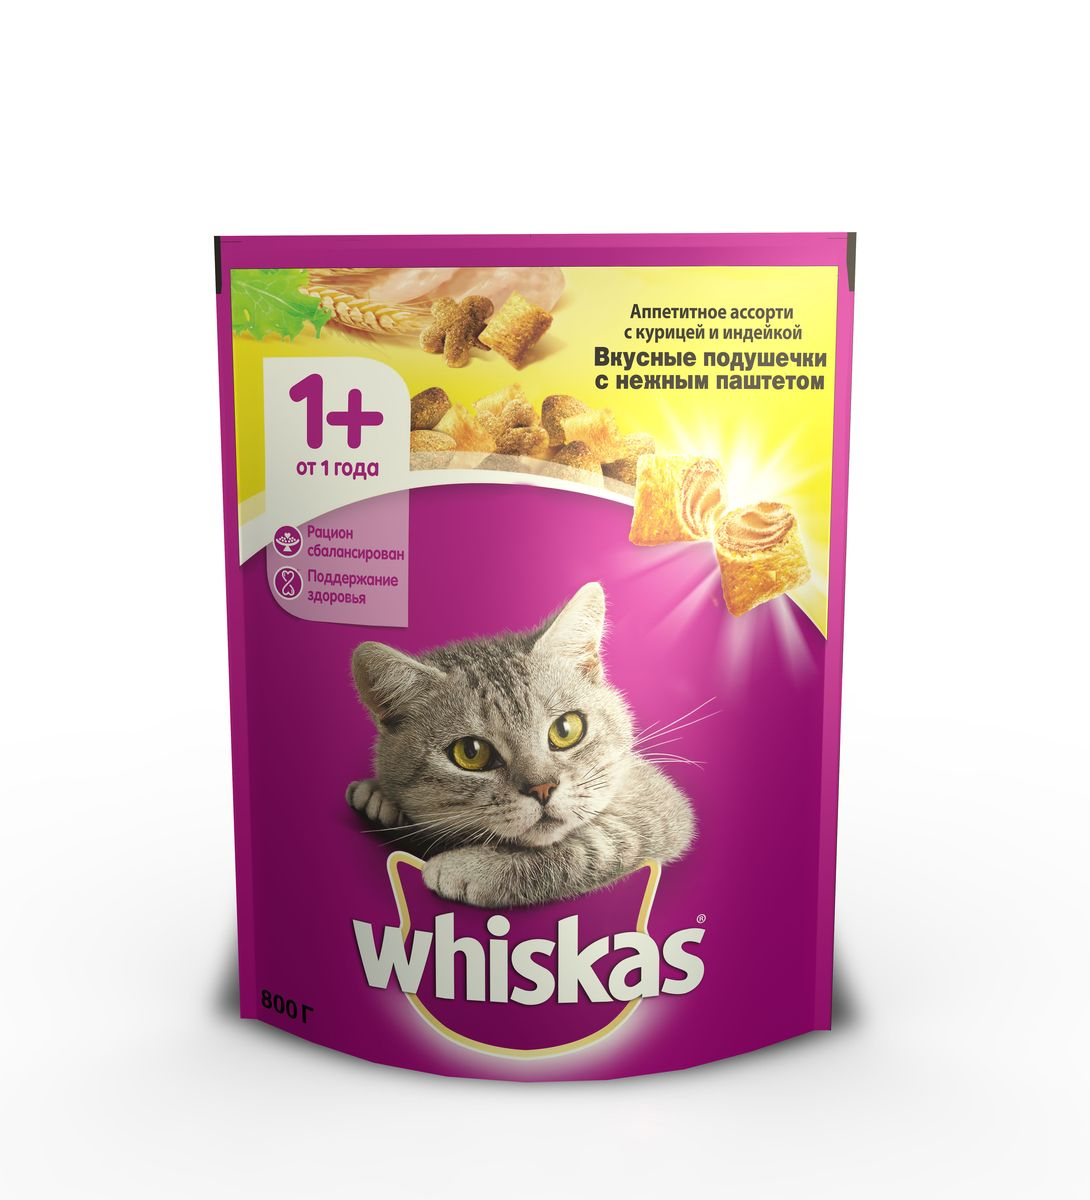 Корм сухой Whiskas для взрослых кошек, подушечки с паштетом с курицей и индейкой, 800 г41358Корм сухой Whiskas - это полнорационный сухой корм для взрослых кошек от 1 года. Вашей кошке обязательно понравятся вкусные подушечки с аппетитной хрустящей корочкой снаружи и нежным паштетом внутри. В составе корма есть все, чтобы позаботиться о вашей любимице, ведь ее рацион должен быть не только вкусным, но и тщательно сбалансированным. В корме в правильных пропорциях собраны все необходимые витамины и минералы, белки, жиры и углеводы, чтобы поддержать ее здоровье. Особенности: - Оптимальное соотношение питательных веществ и нутриентов для поддержания обмена веществ; - Витамин Е и цинк для иммунитета; - Омега-6 и цинк для здоровья кожи и шерсти; - Баланс кальция и фосфора для здоровья костей; - Витамин А и таурин для хорошего зрения; - Высокоусвояемые ингредиенты и клетчатка для пищеварения; - Сухая текстура корма для удаления зубного налета. Состав: пшеничная мука, мука из птицы (курицы и индейки не менее 4% в красно-коричневых гранулах), растительные белковые экстракты, злаки, животные жиры и растительное масло, высушенная куриная и свиная печень, пивные дрожжи, свекольный жом, минеральные и витаминные смеси. Пищевая ценность (100 г): белок 36 г, жир 11,5 г, зола 8,5 г, влажность не более 10 г, клетчатка 1,5 г, витамин А 1200 МЕ, витамин D3 120 МЕ, витамин Е 15 мг, кальций 1,2 г, фосфор 1 г, цинк 10 мг, линолевая кислота (Омега-6) 1,5 г, а также таурин, метионин и витамины группы В. Энергетическая ценность (100 г): 370 ккал / 1548 кДж. Товар сертифицирован.